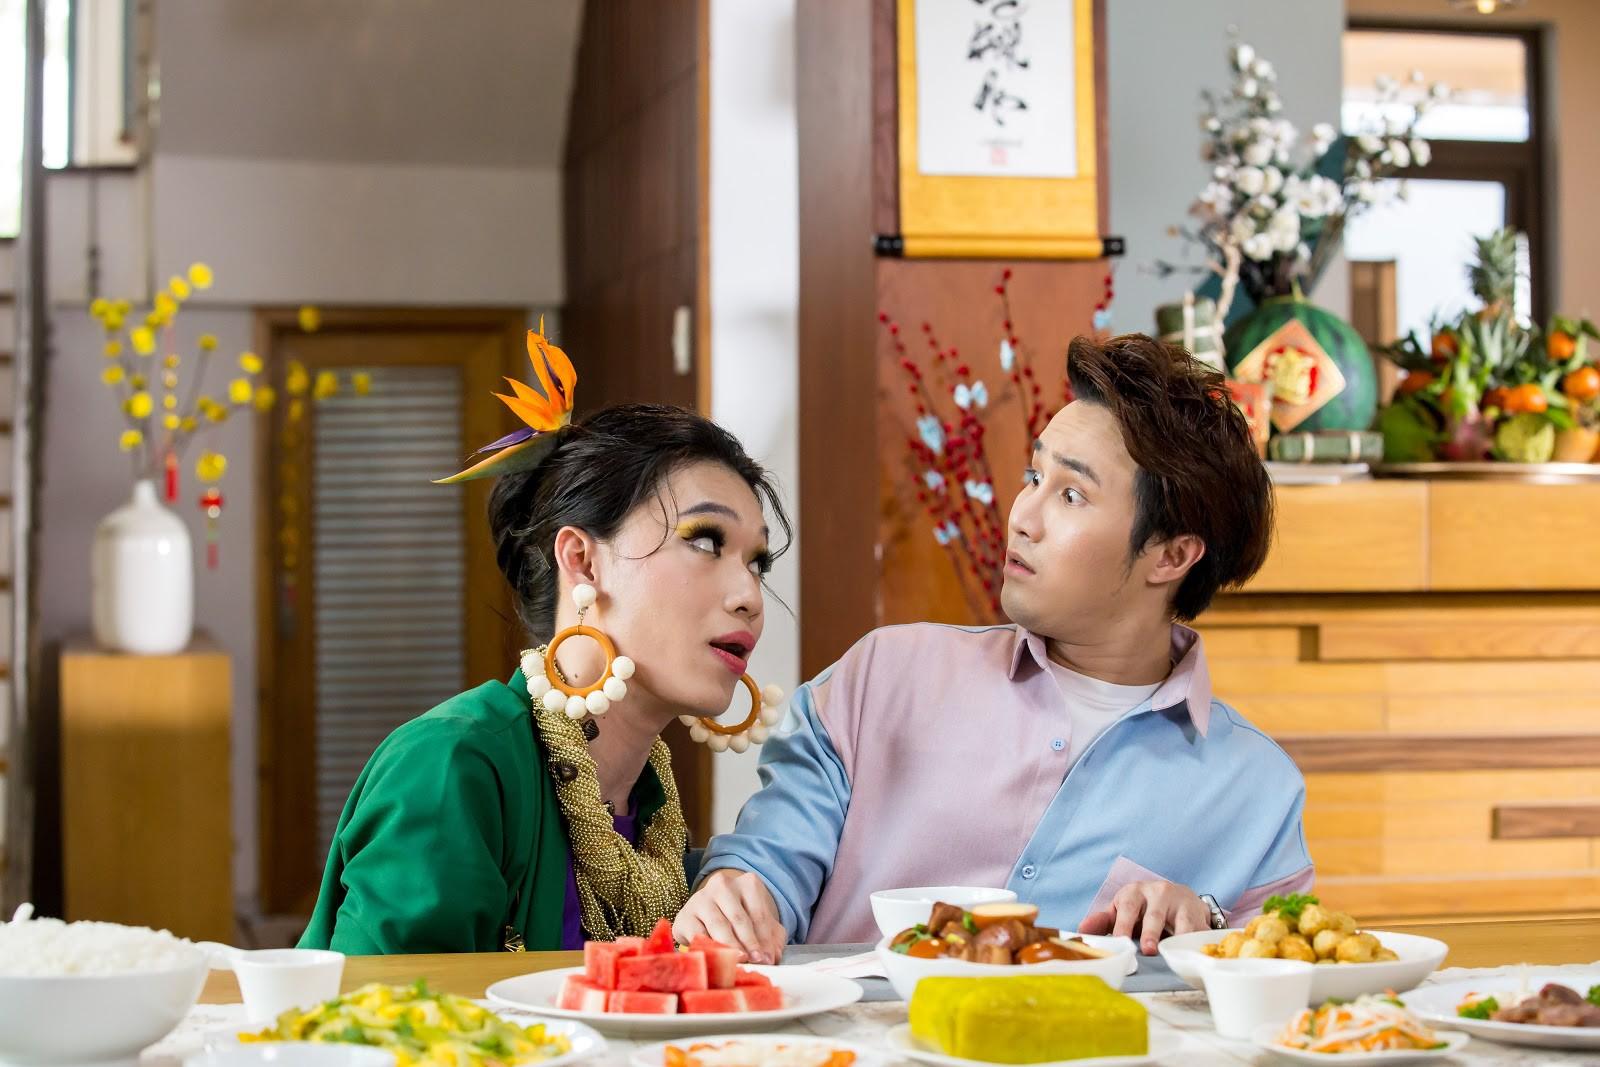 Hút view khủng mùa Tết, đây là 4 câu nói khiến fans ám ảnh từ clip mới nhất của Huỳnh Lập – Quang Trung! - Ảnh 4.